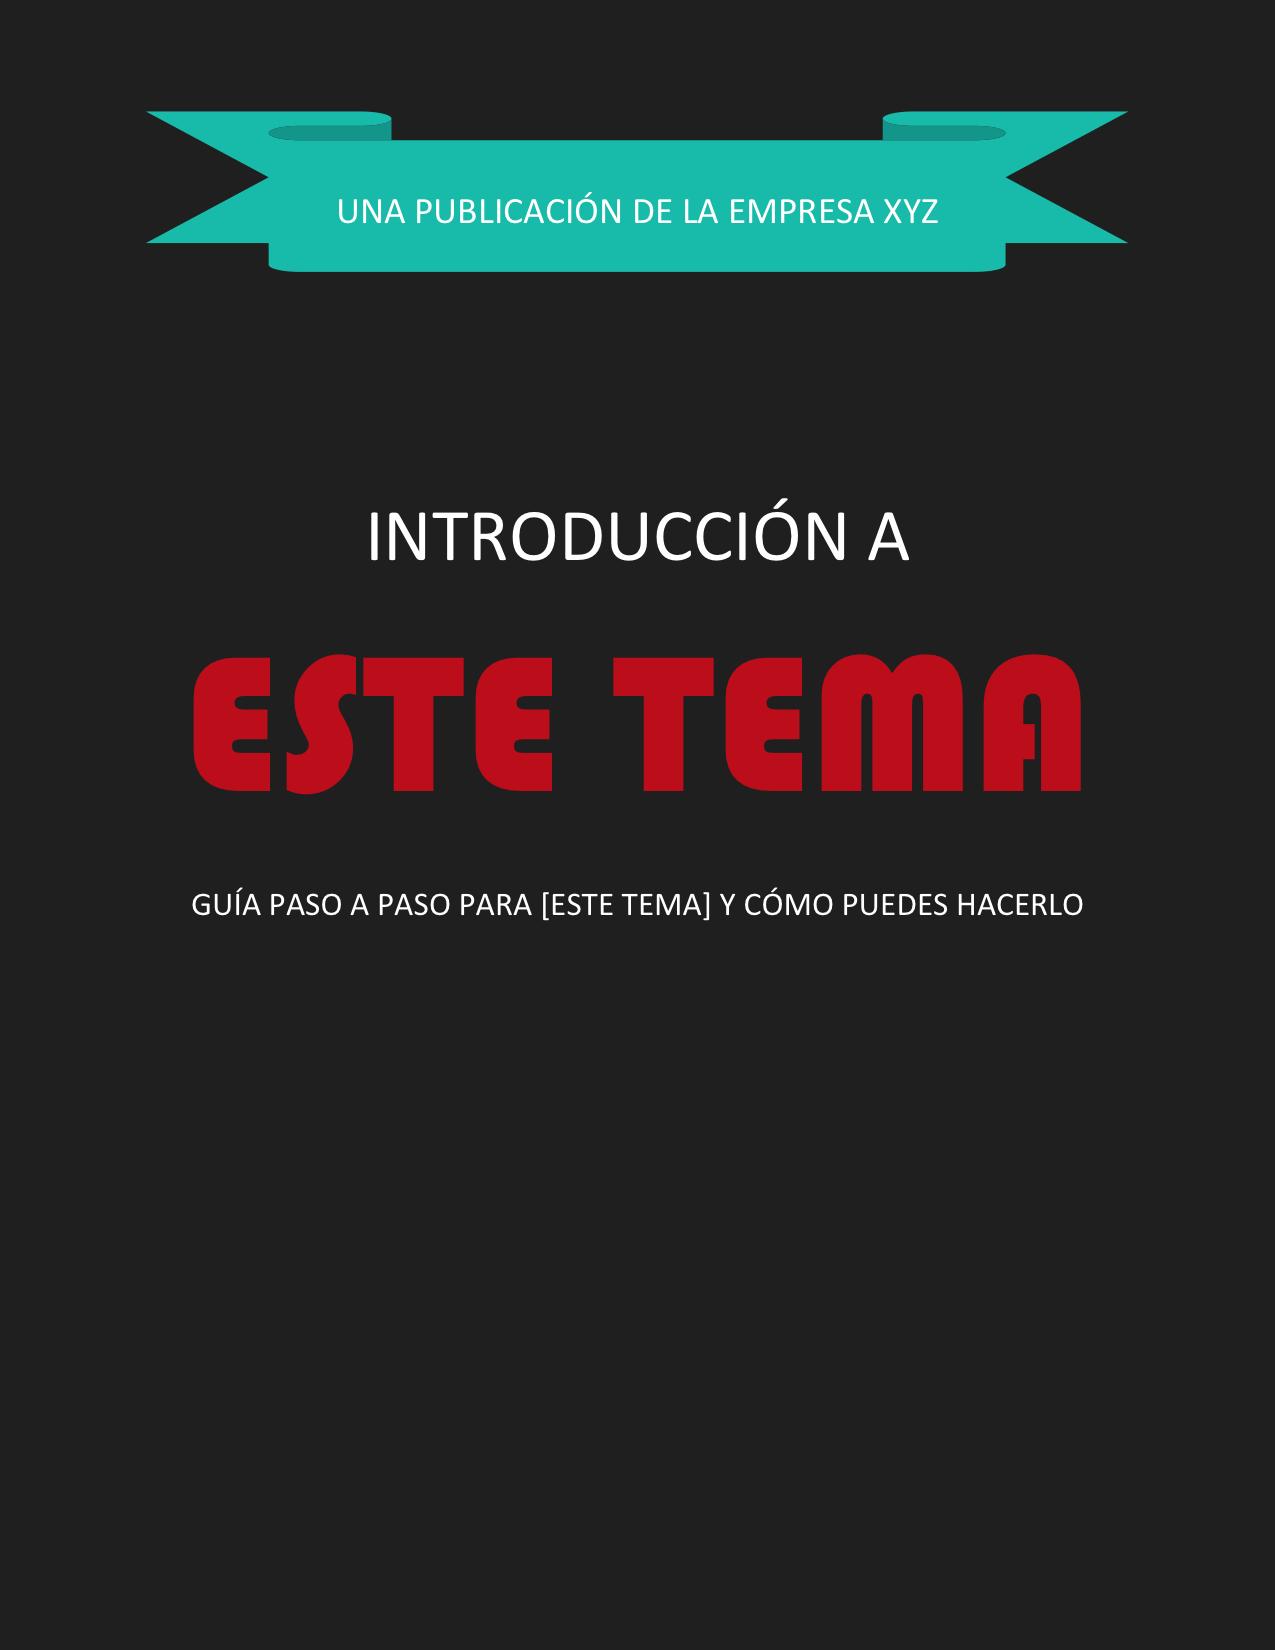 Plantillas gratis para crear ebooks